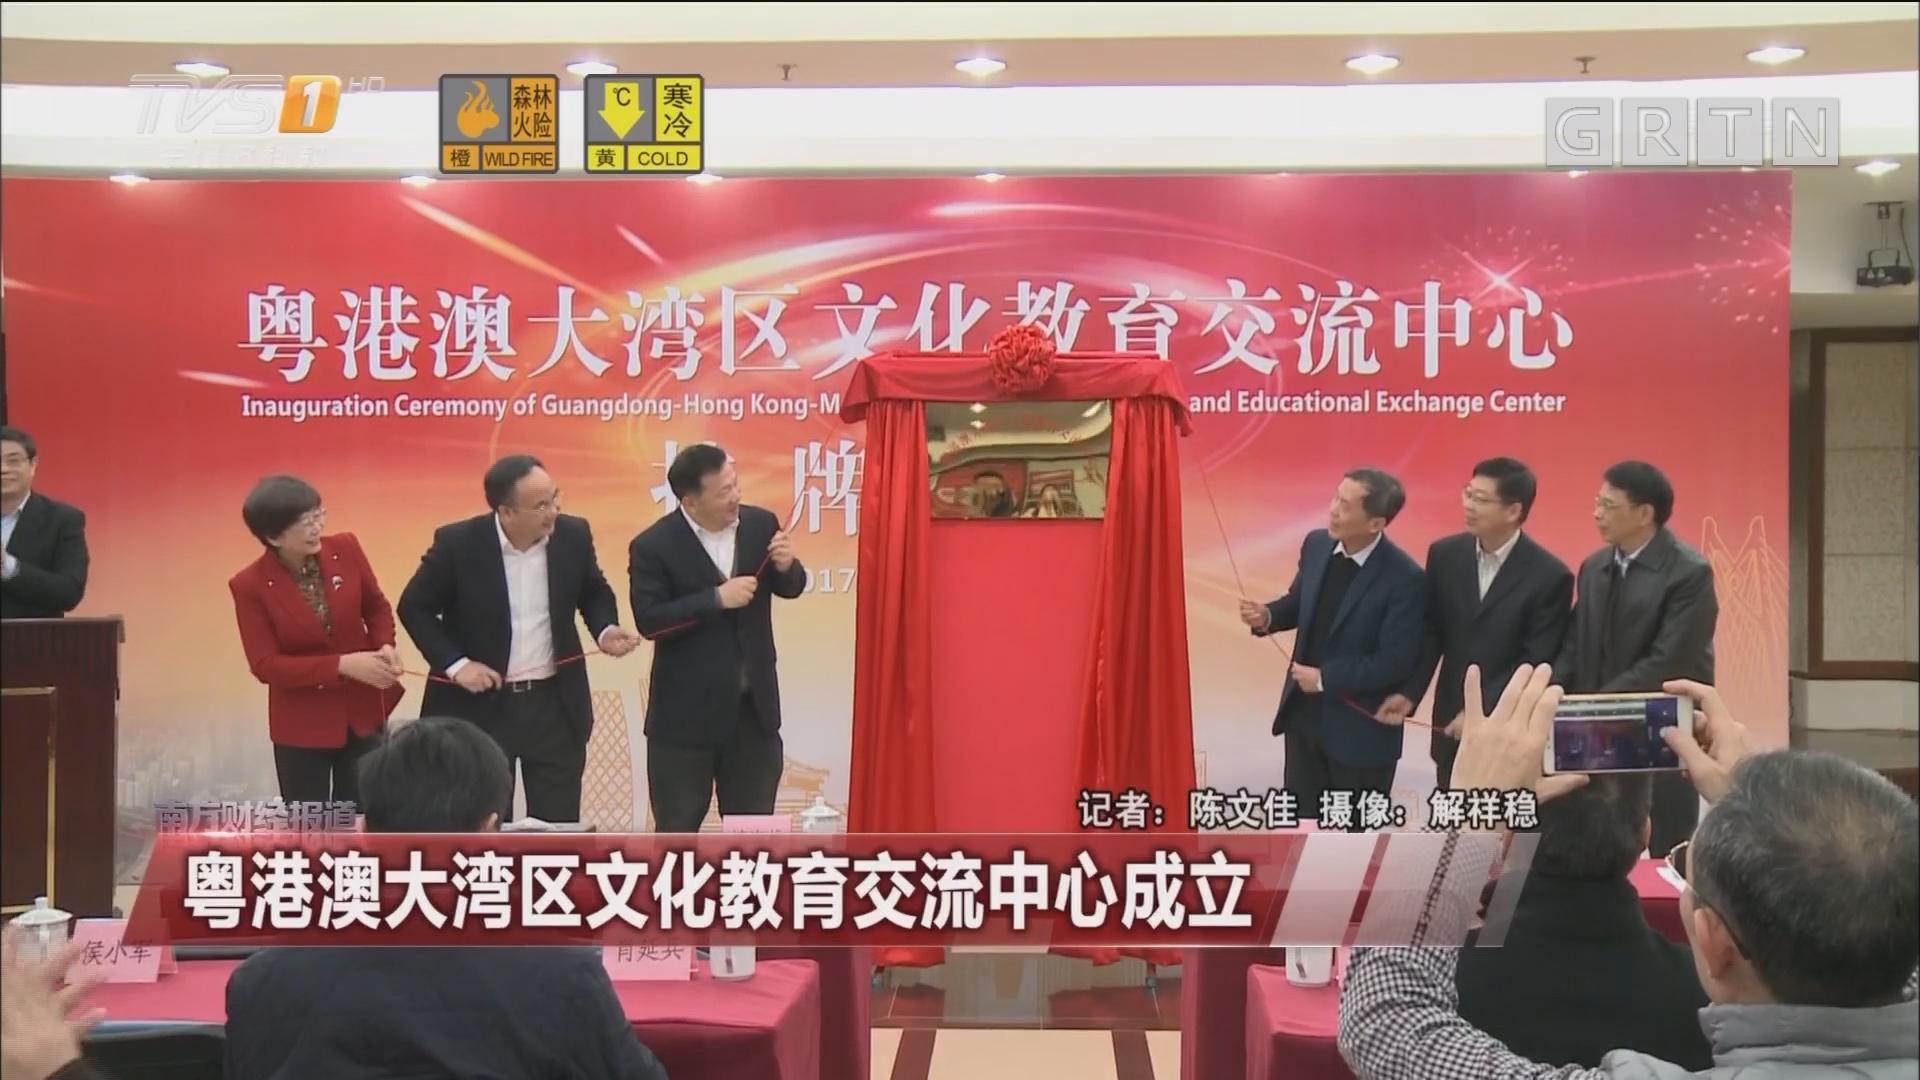 粤港澳大湾区文化教育交流中心成立